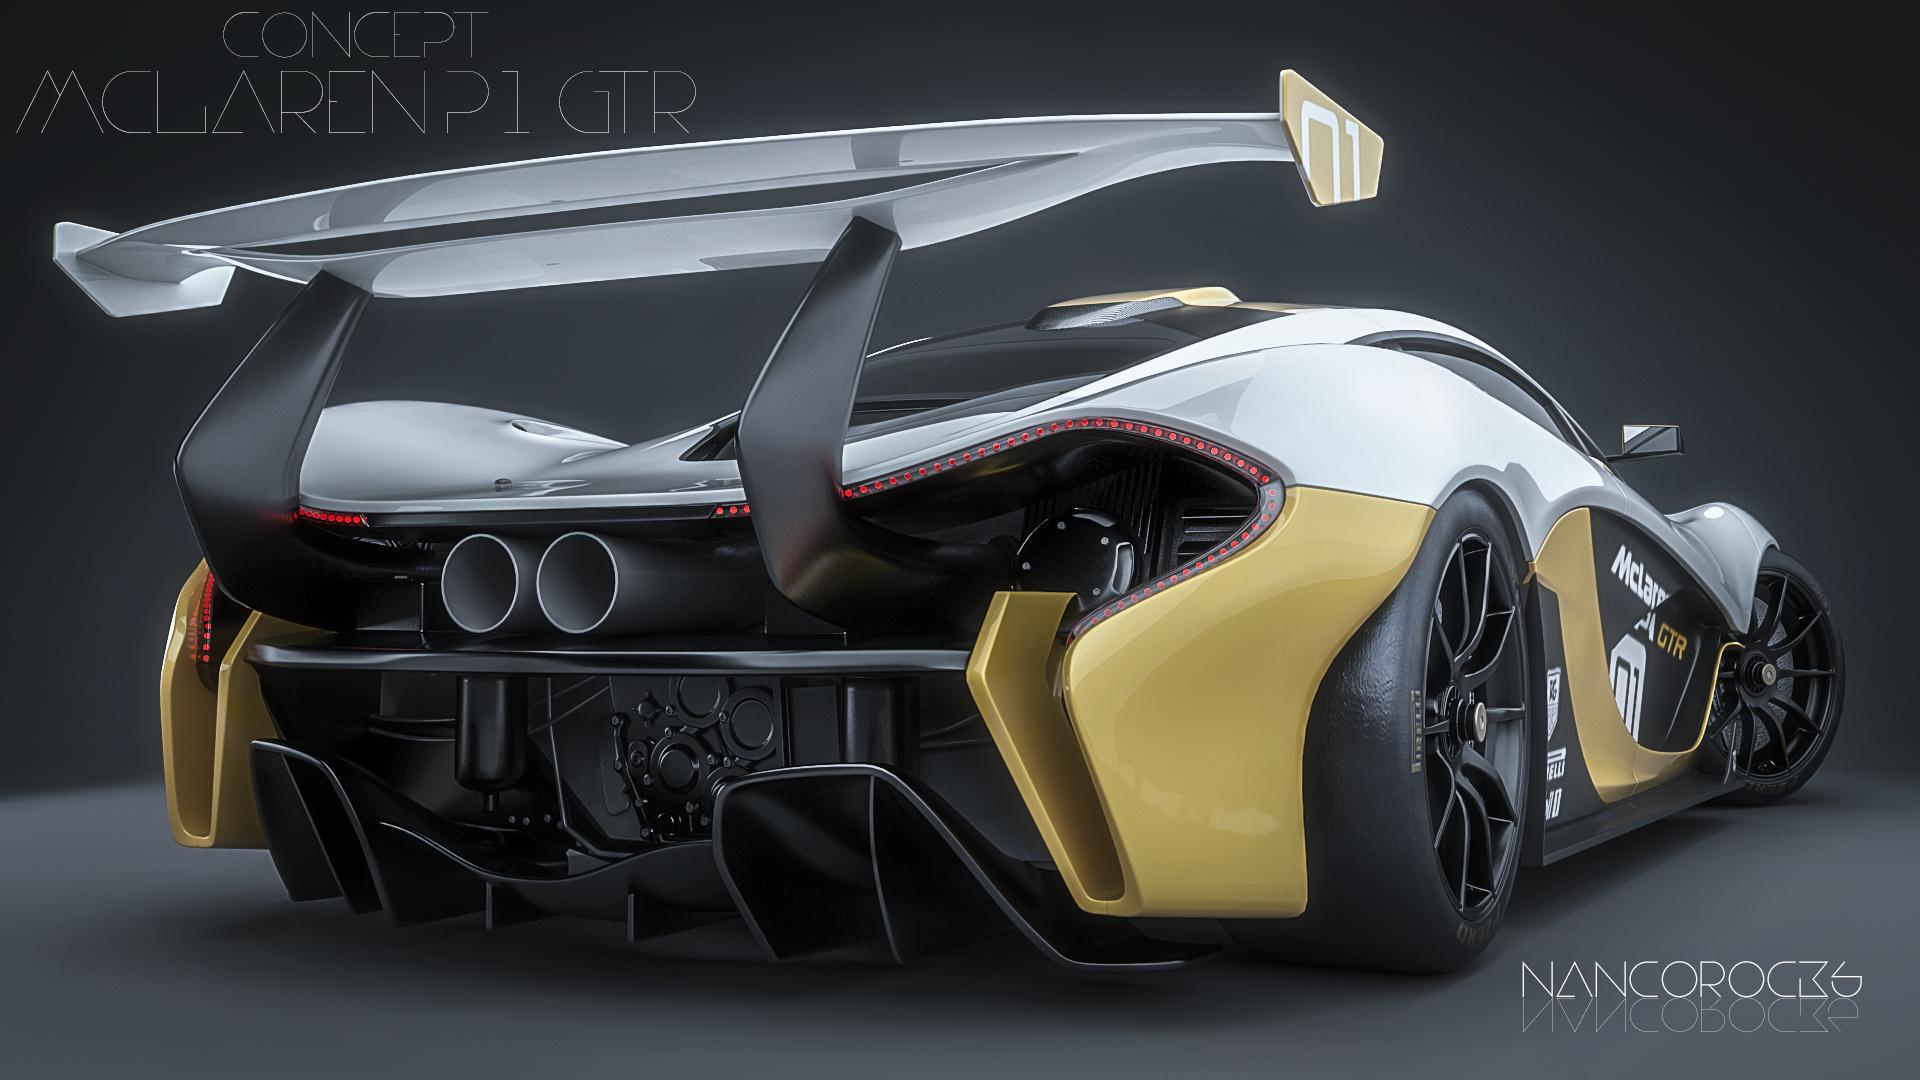 Mclaren P1 Gtr Logo >> 100+ [ Mclaren Concept ]   Mclaren P1 Gtr 2015 Mclaren Autopareri,Vwvortex Com Mclaren P1 Gtr ...